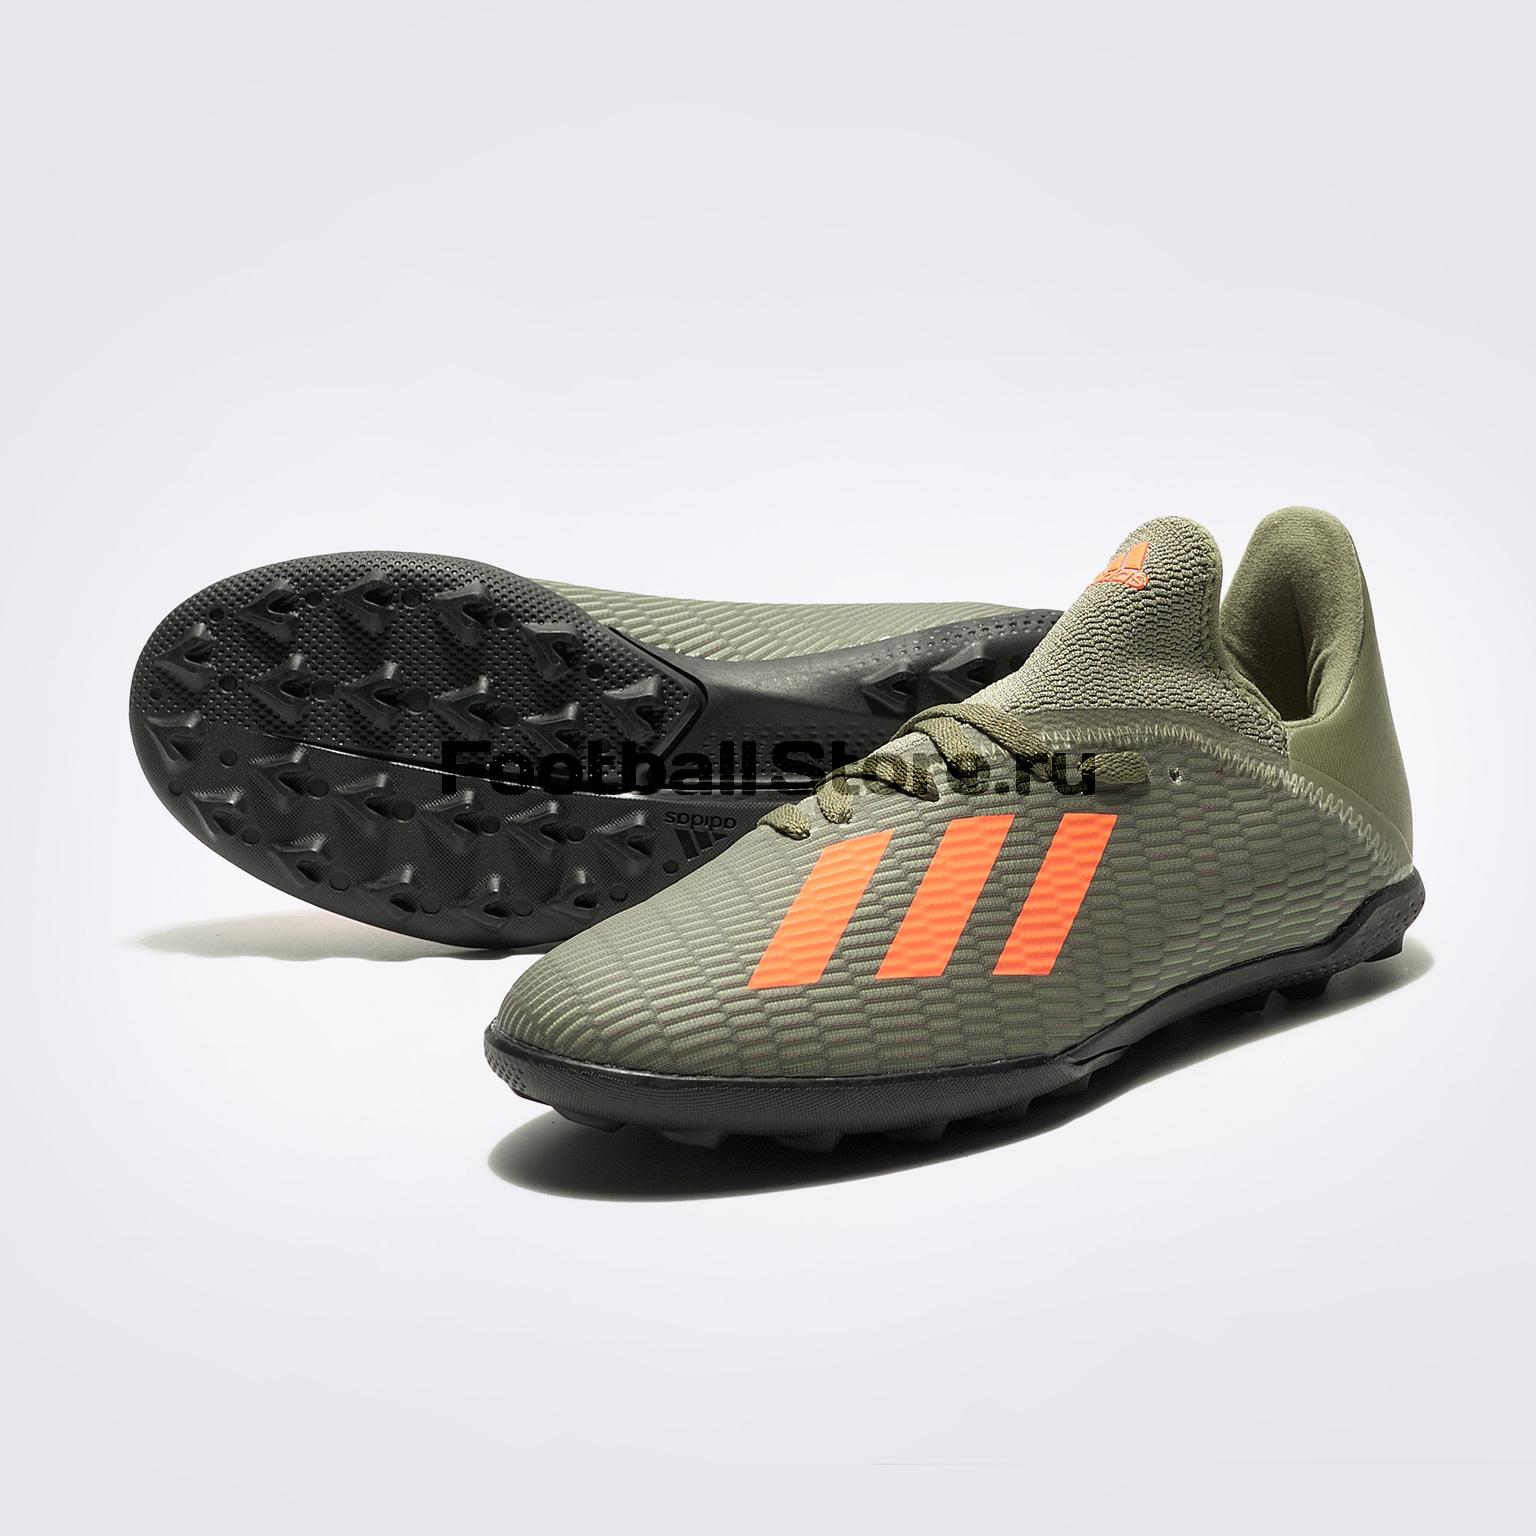 Шиповки детские Adidas X 19.3 TF EF8375 шиповки детские adidas x tango 18 3 tf db2422